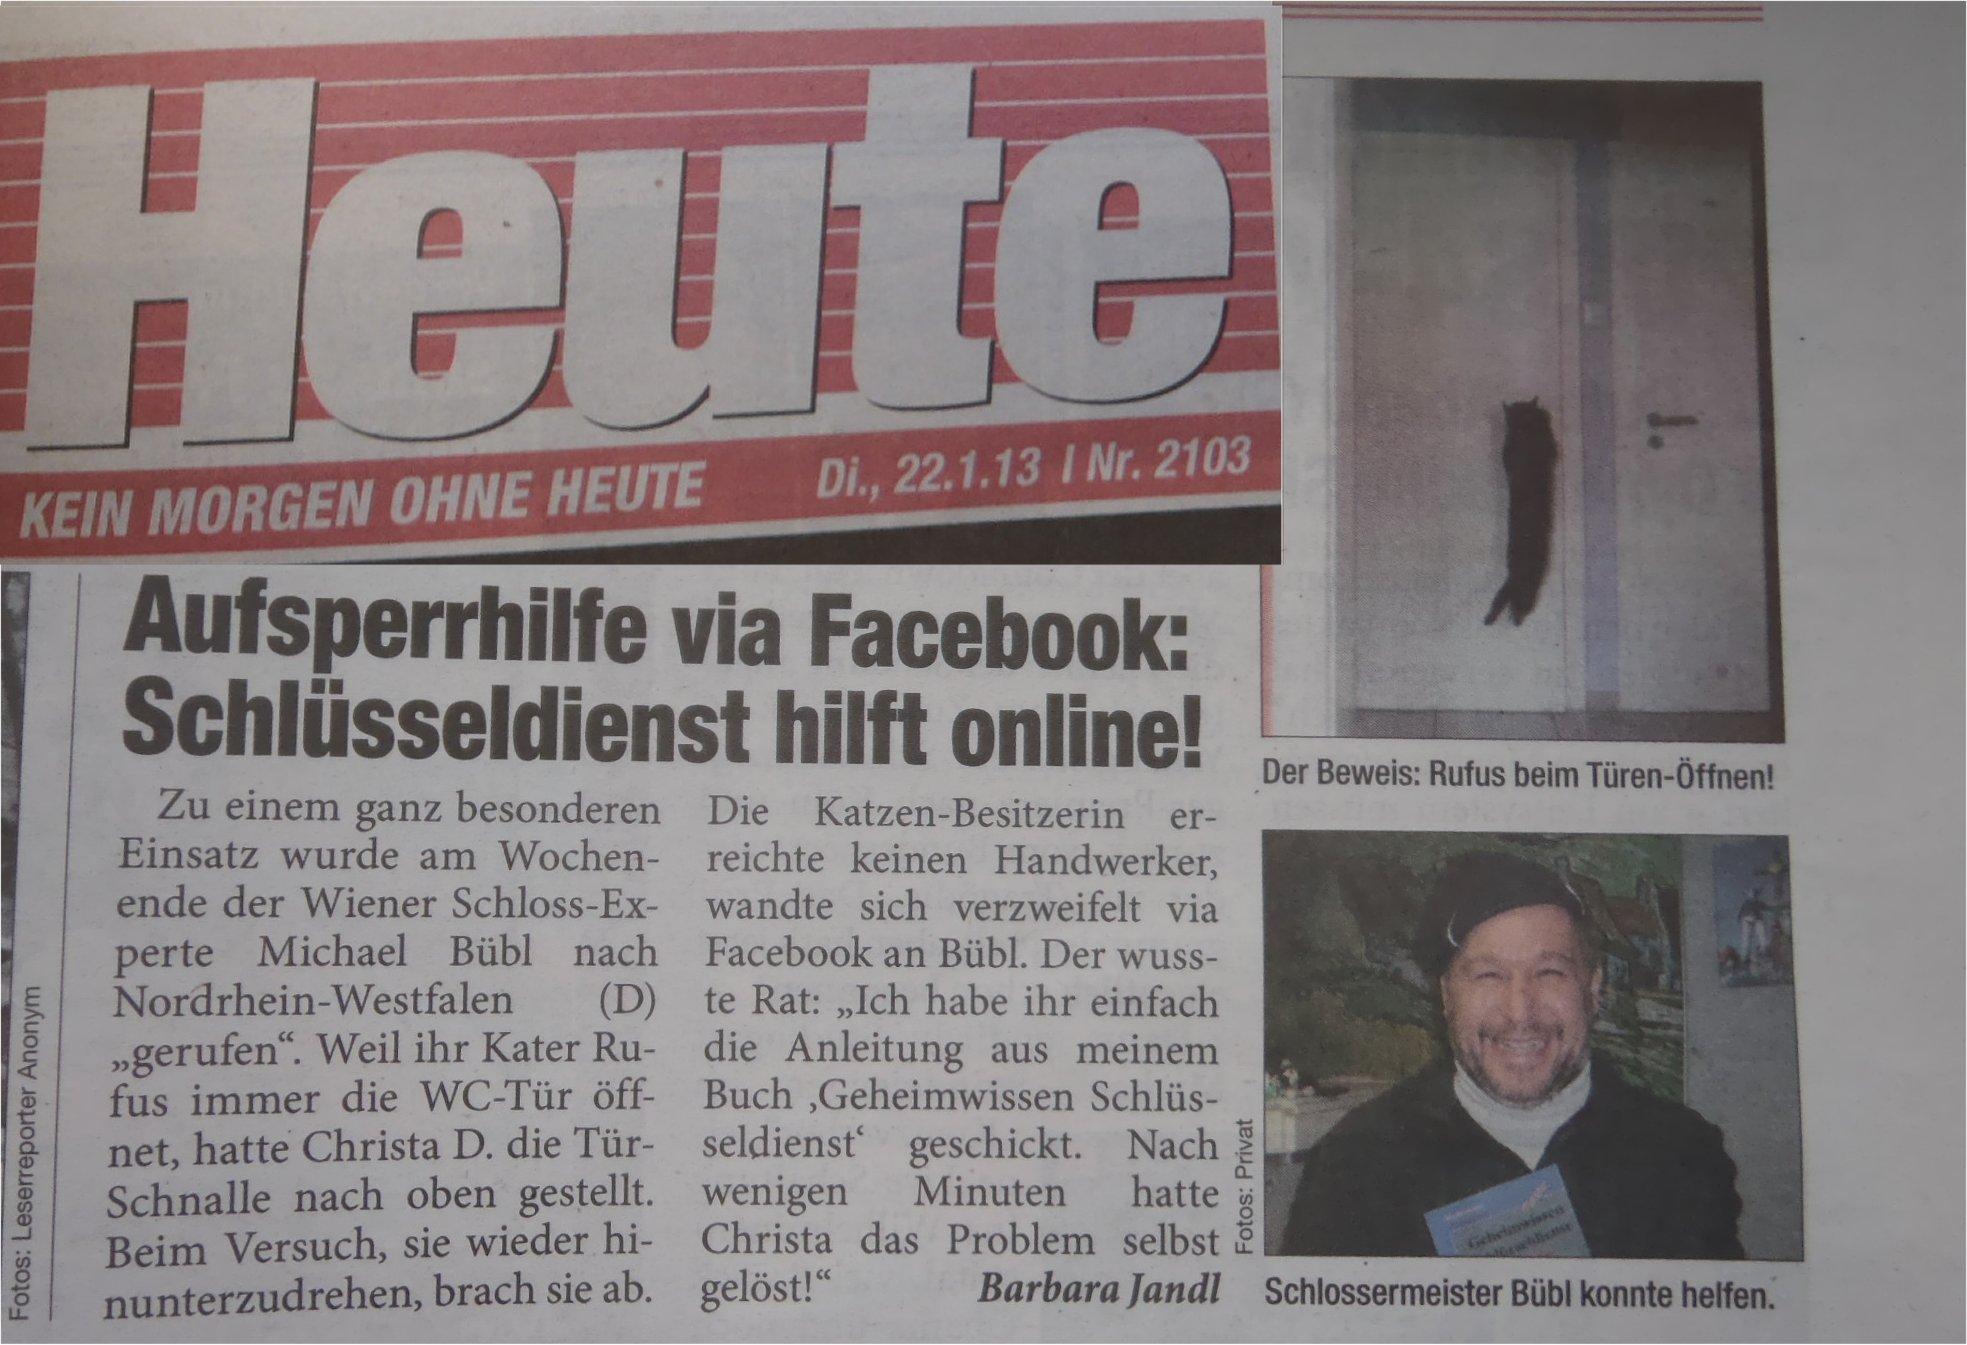 Tageszeitung heute